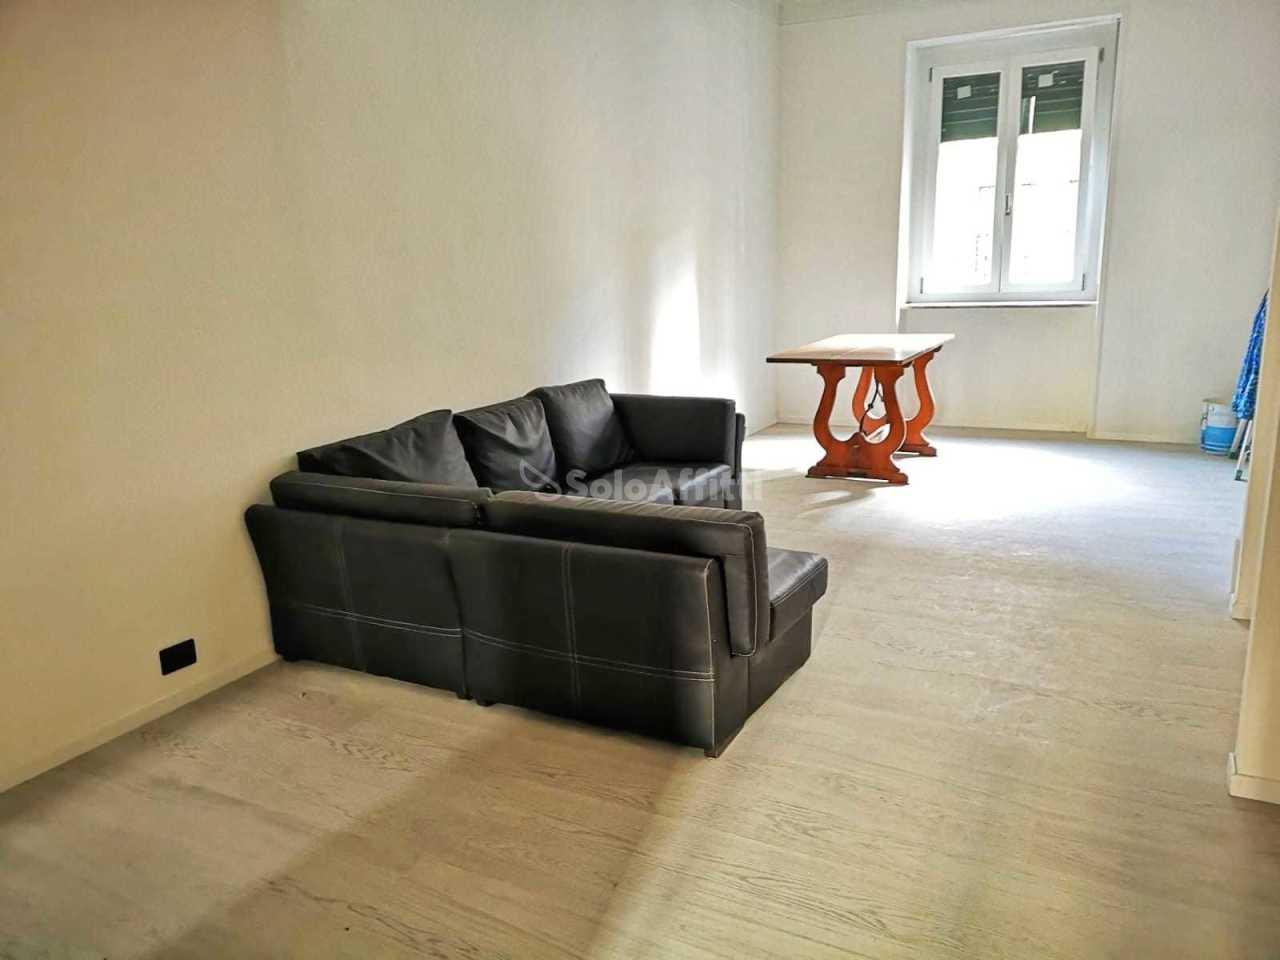 Ufficio - 4 locali a Pozzo Strada, Torino Rif. 9871370